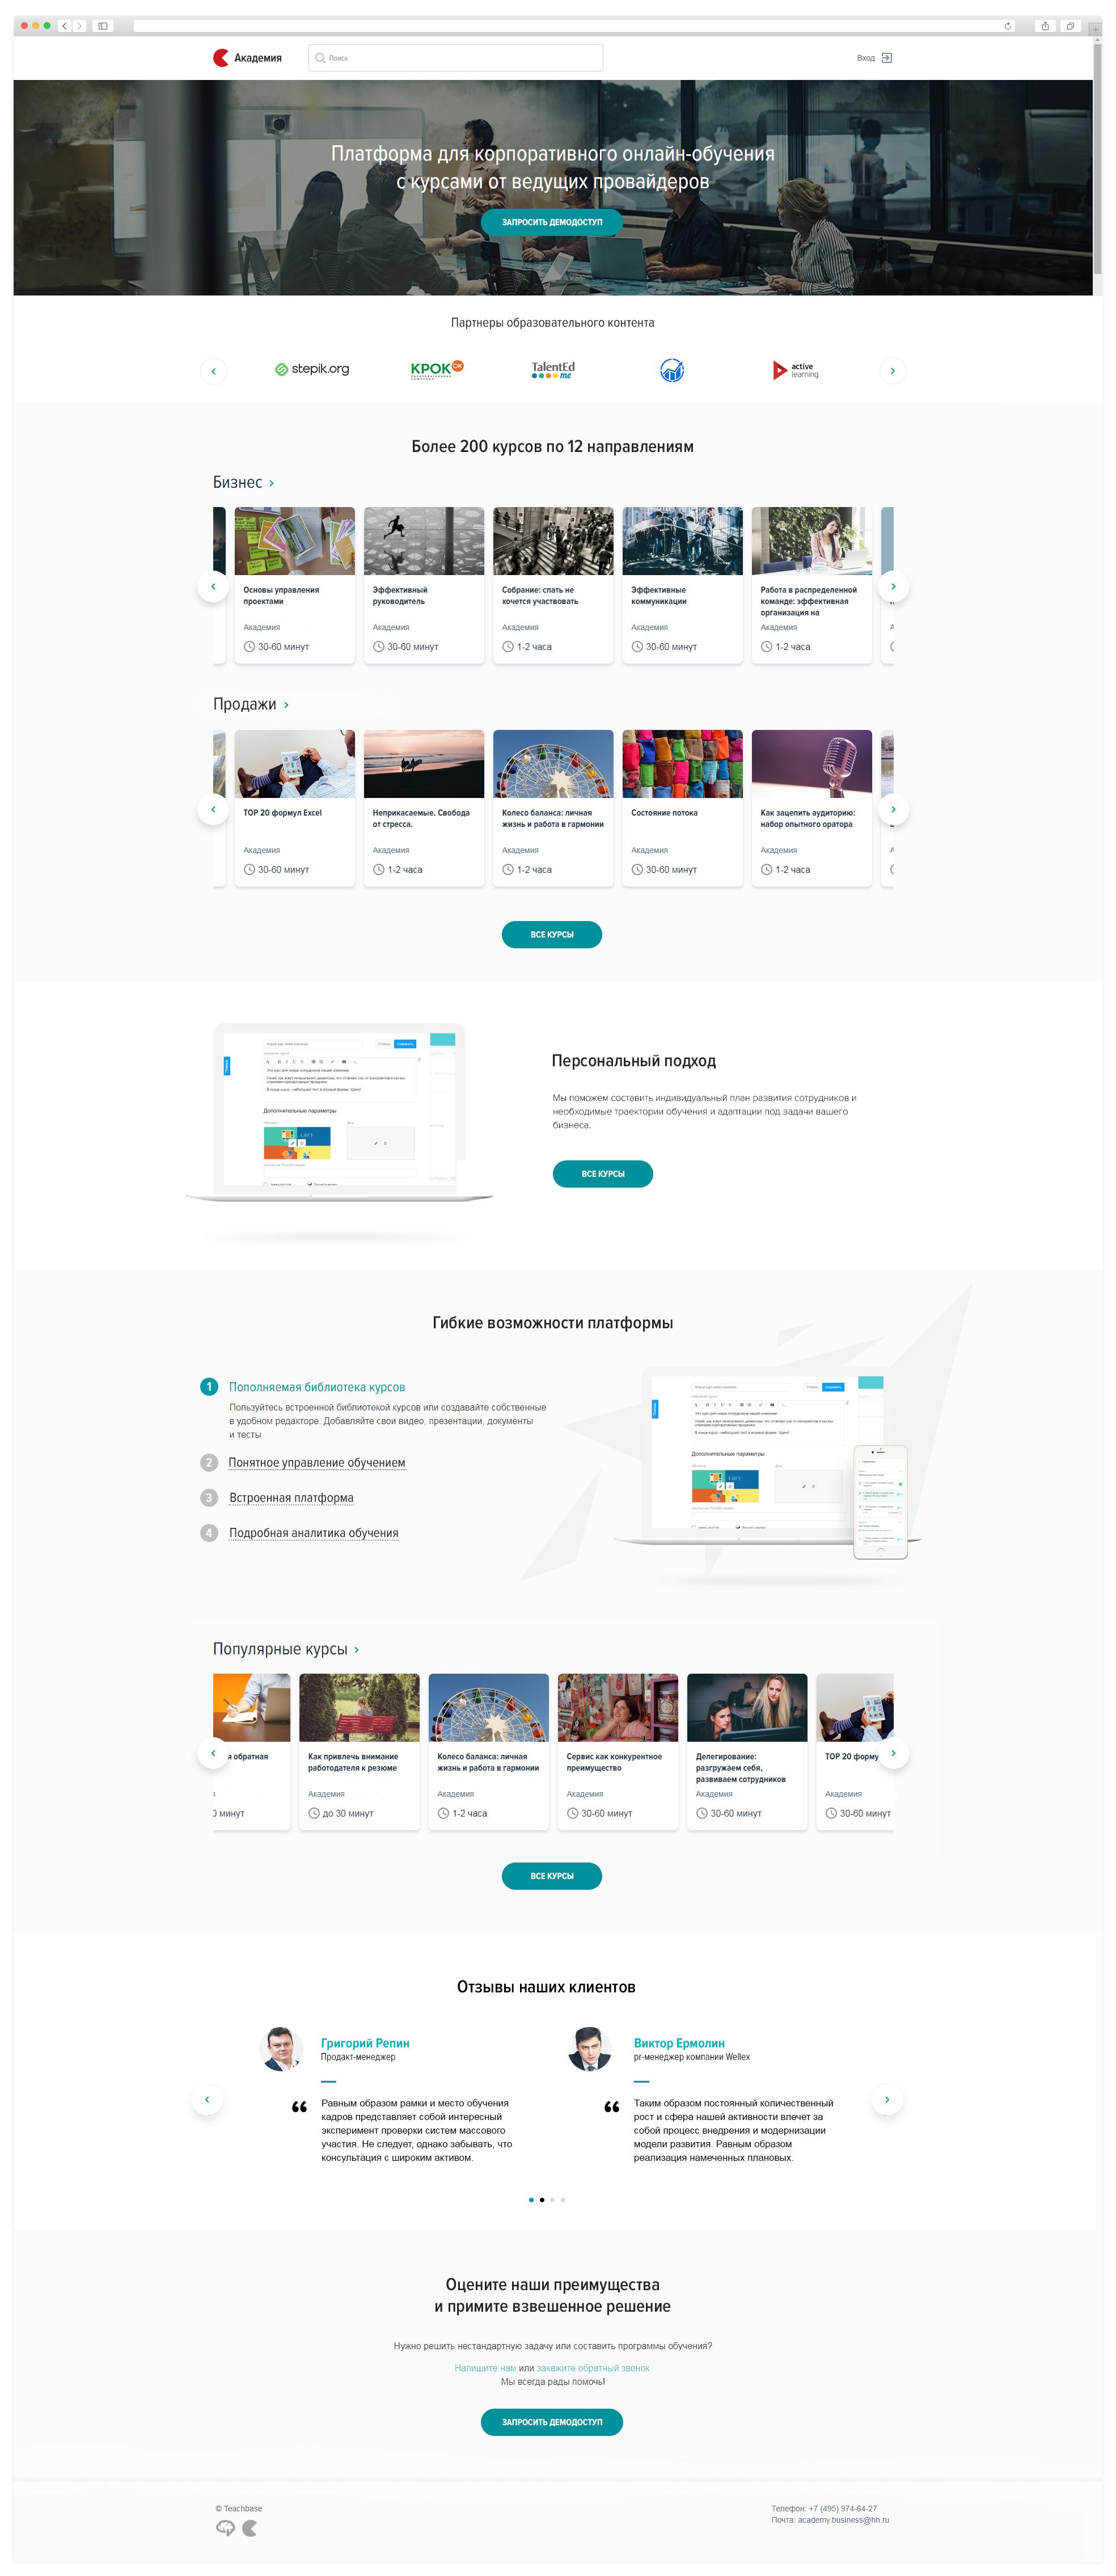 """Главная страница для сервиса """"Академия"""" по поиску вебинаров"""